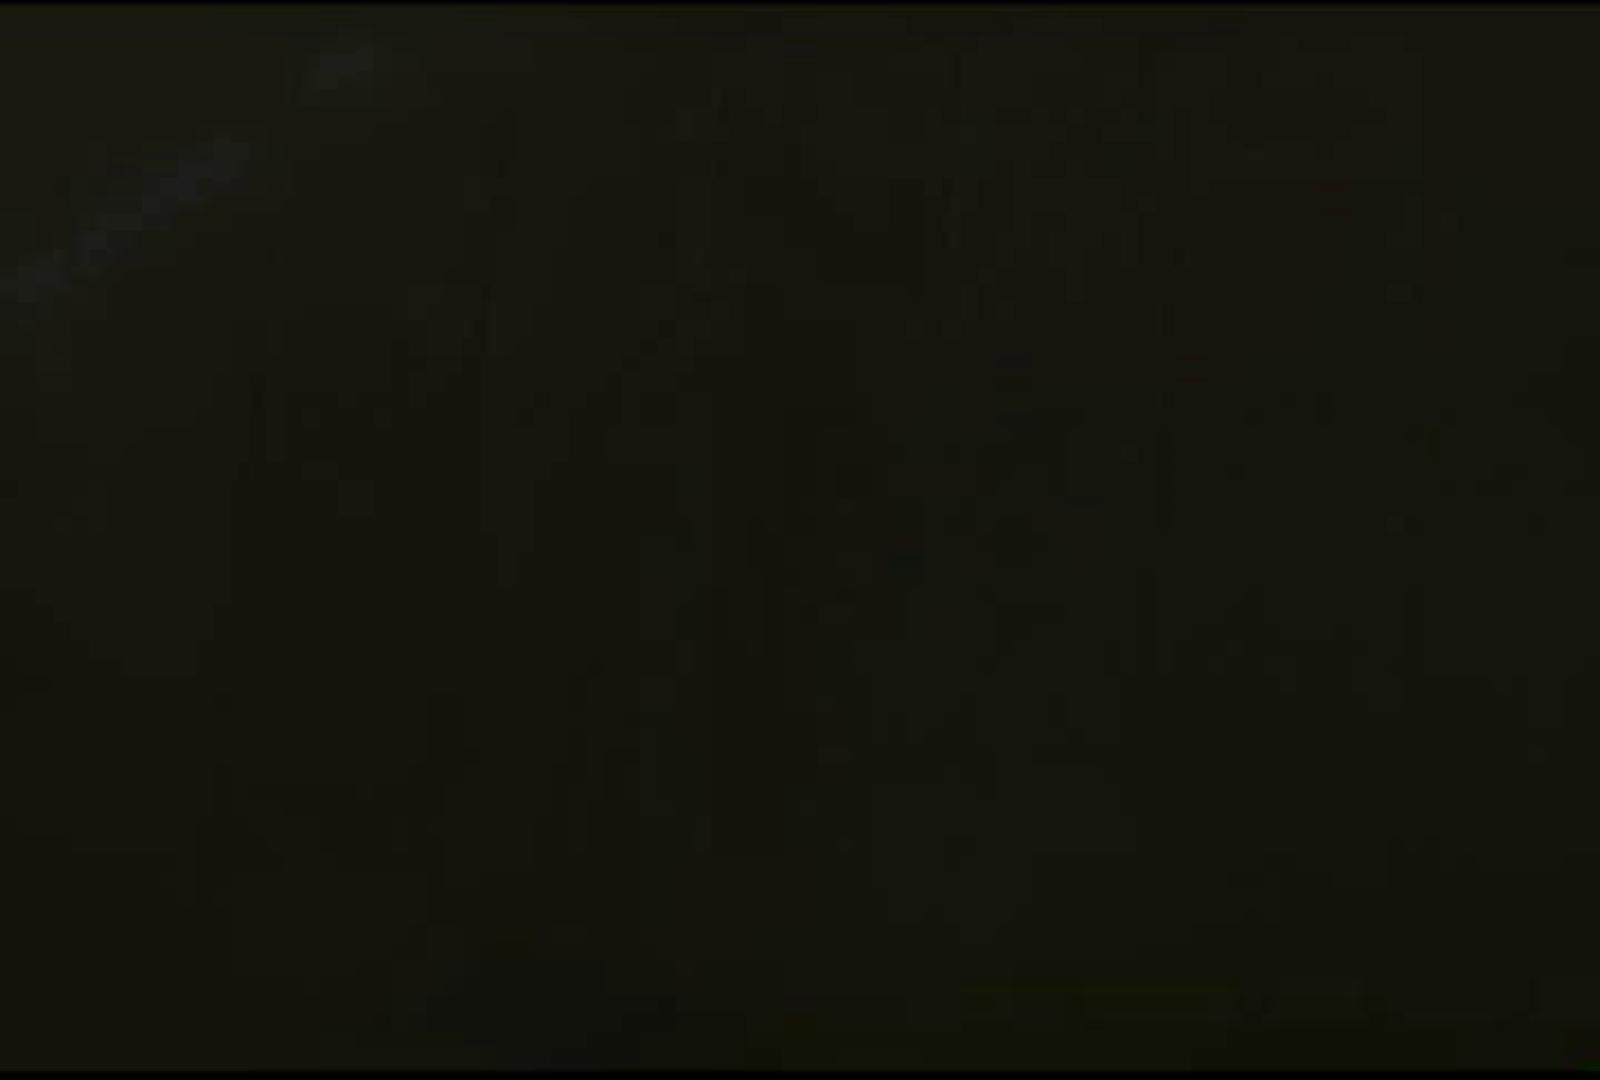 「ノゾキスト」さんの陰撮!!美女サルベージVol.1 覗き | 美女のヌード  68画像 61